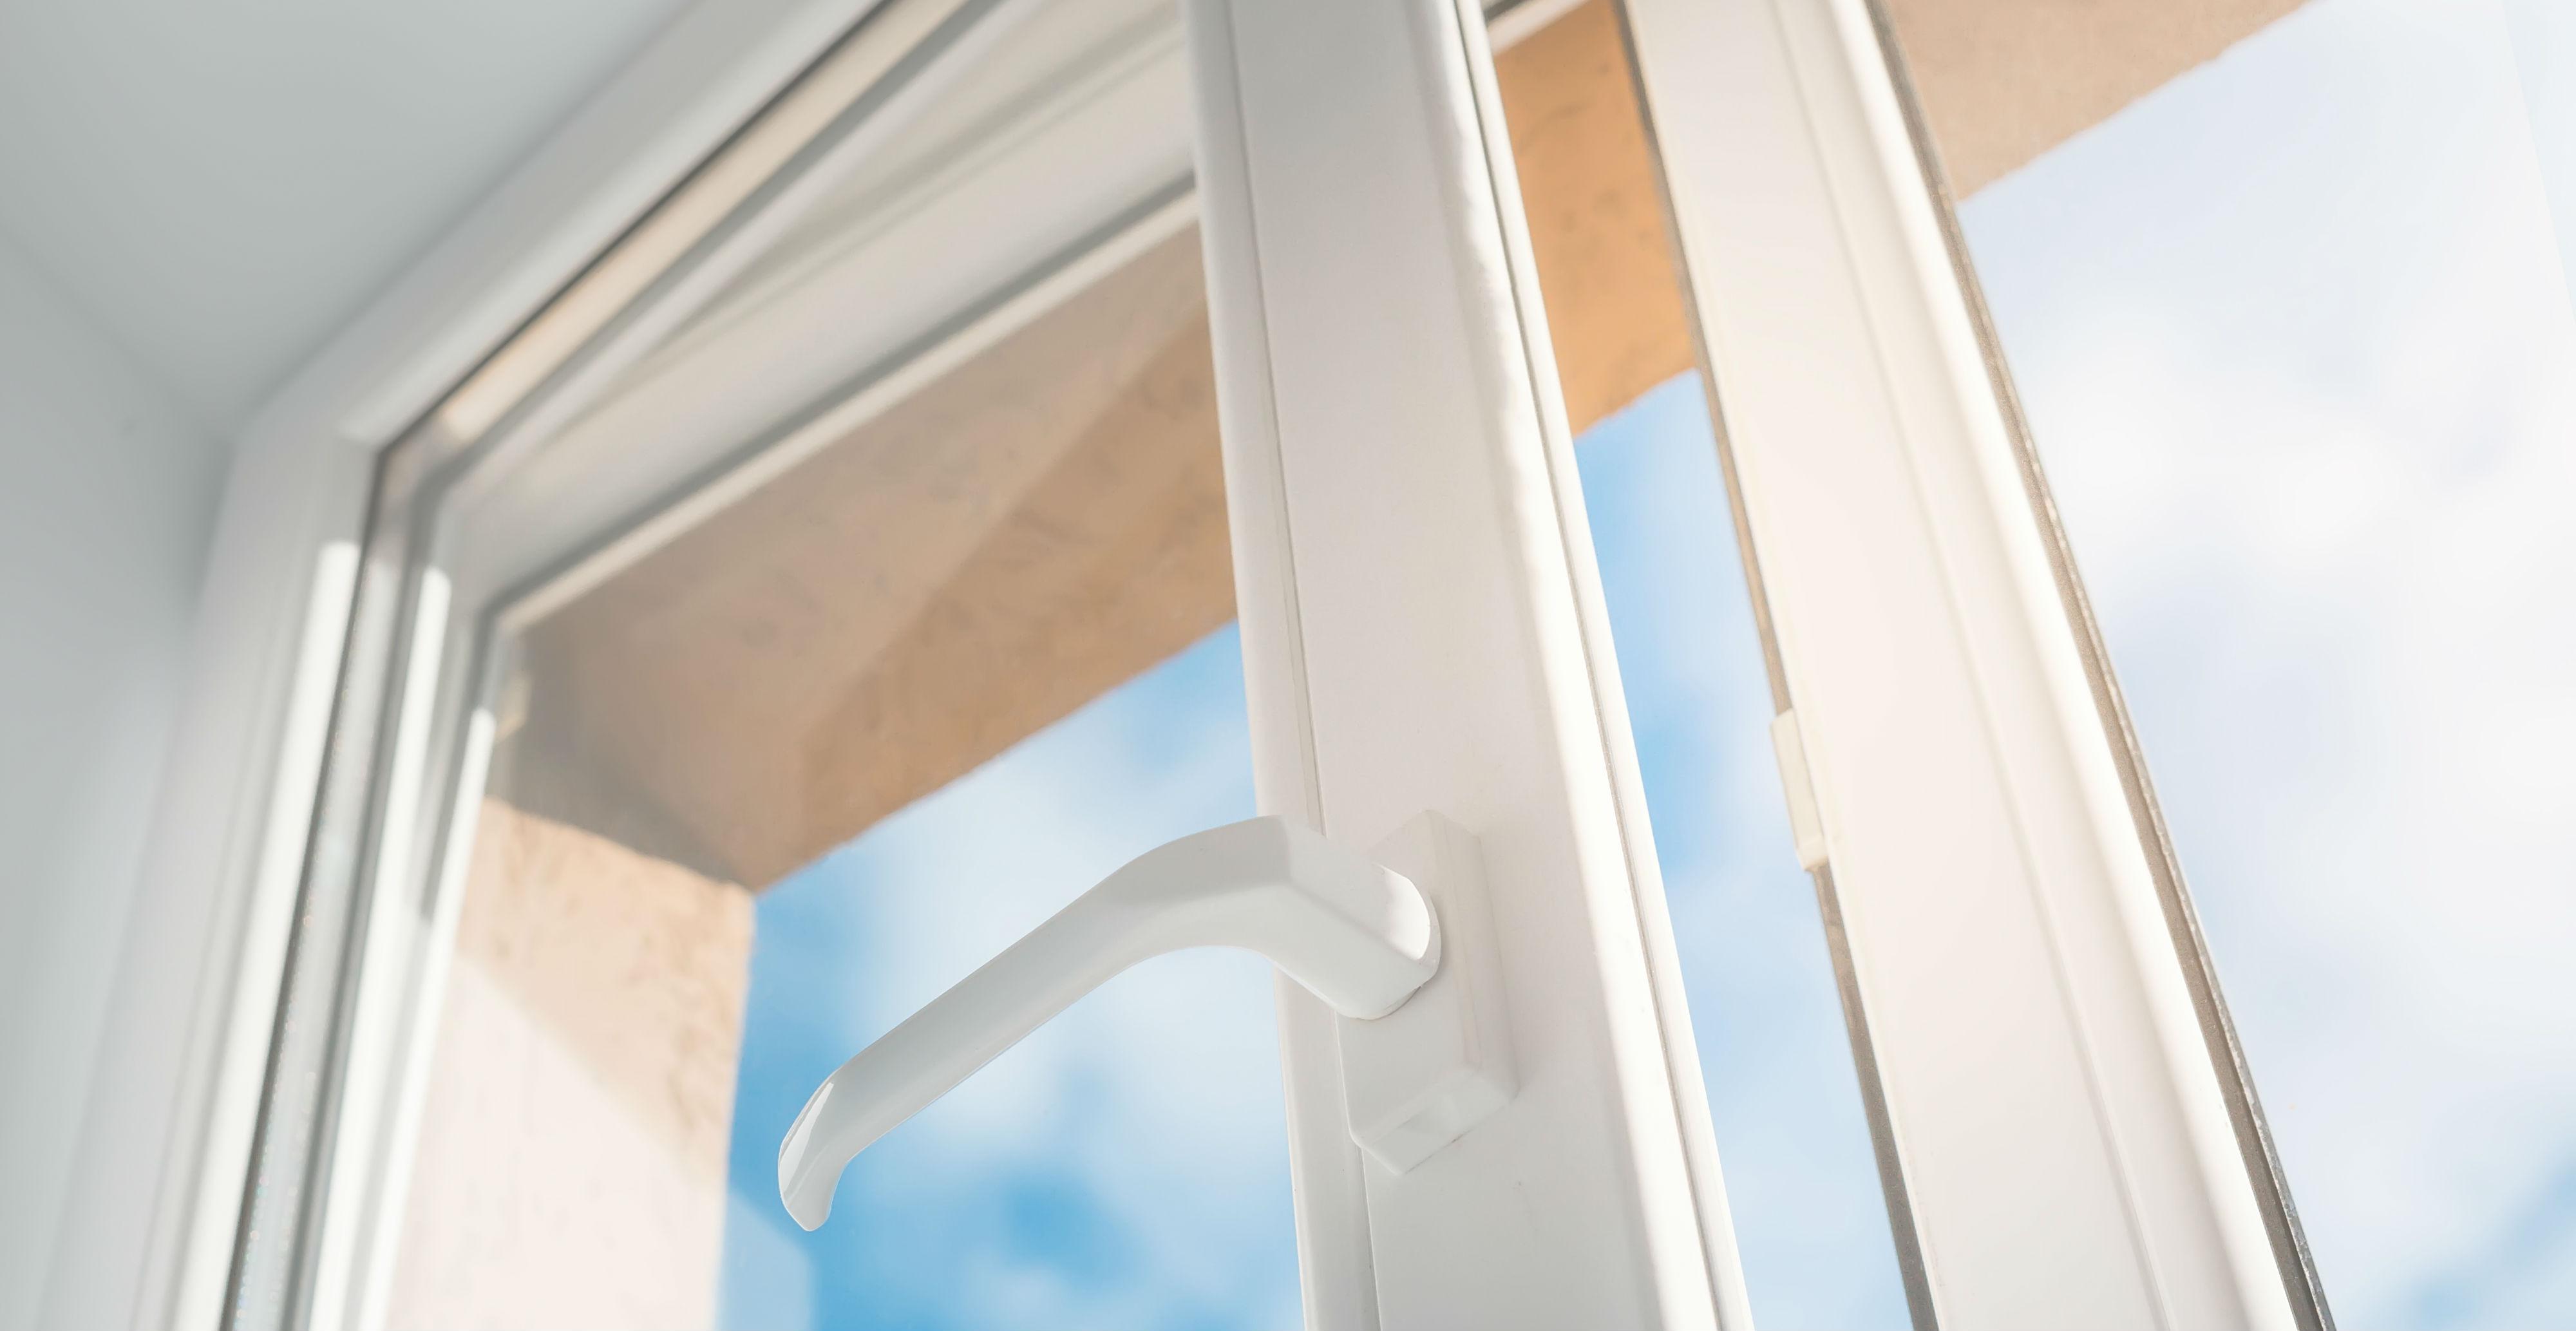 Super Kosten für den Austausch der Fensterdichtungen - HEROLD.at DF52